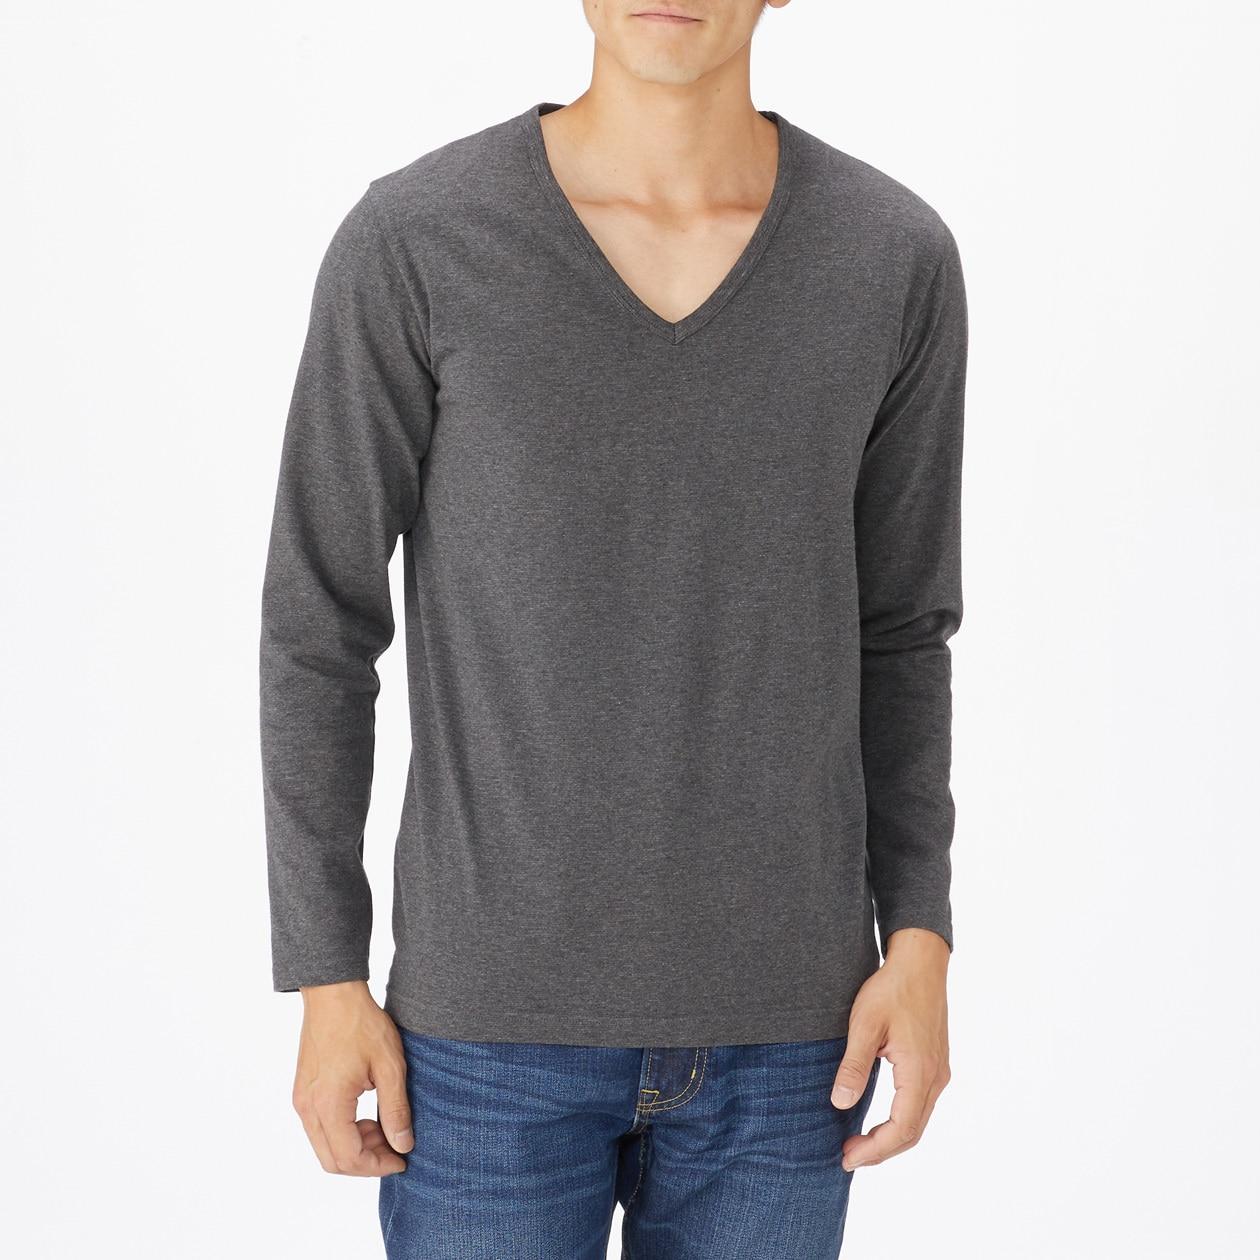 綿であったかVネック長袖Tシャツ 紳士XS・チャコールグレー